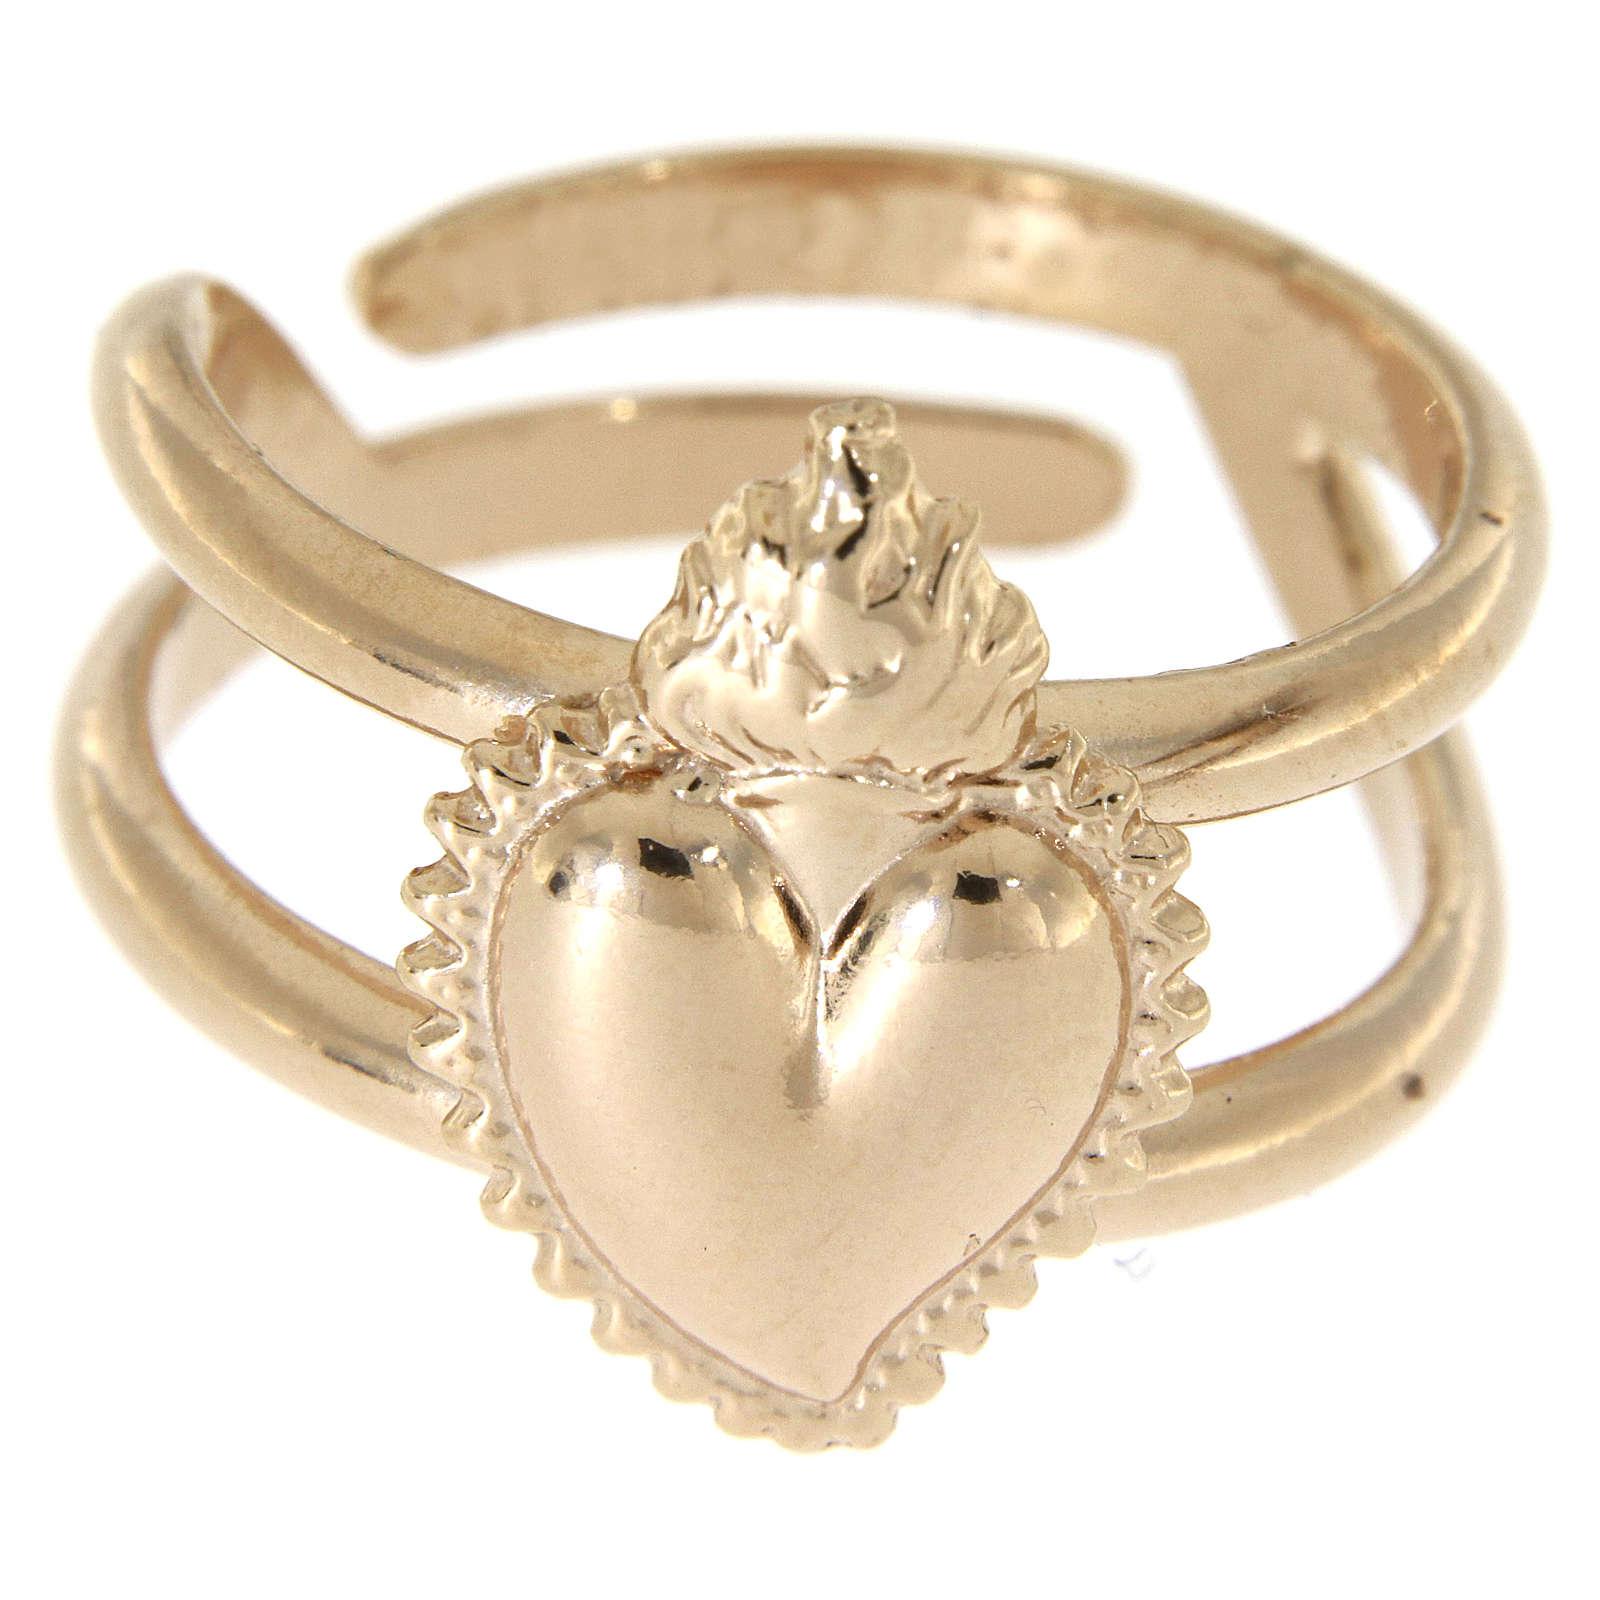 Anello rosato in argento 925 con cuore votivo pieno regolabile 3